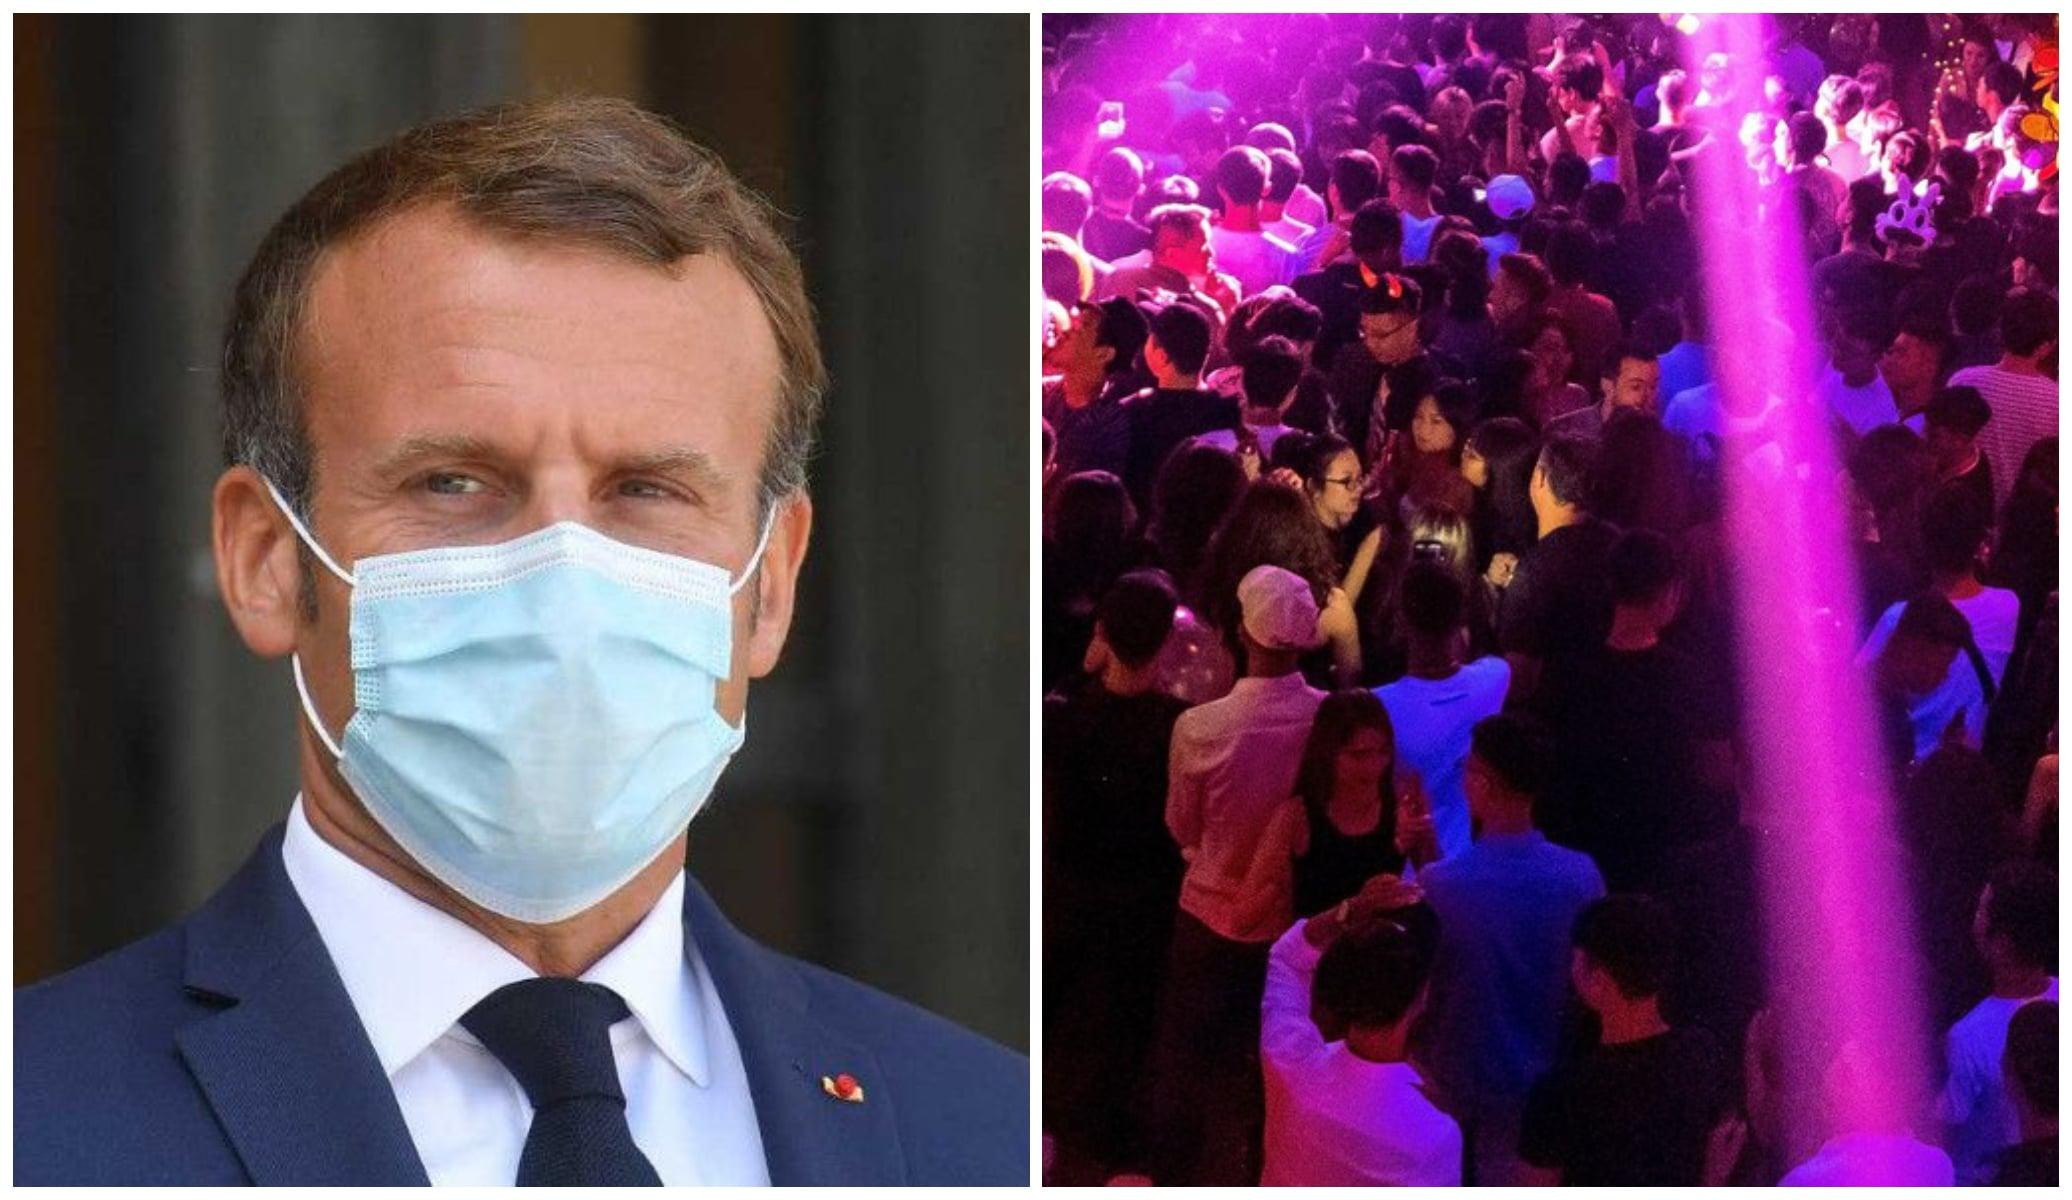 Les discothèques de retour en janvier 2021 ? Emmanuel Macron prend la parole